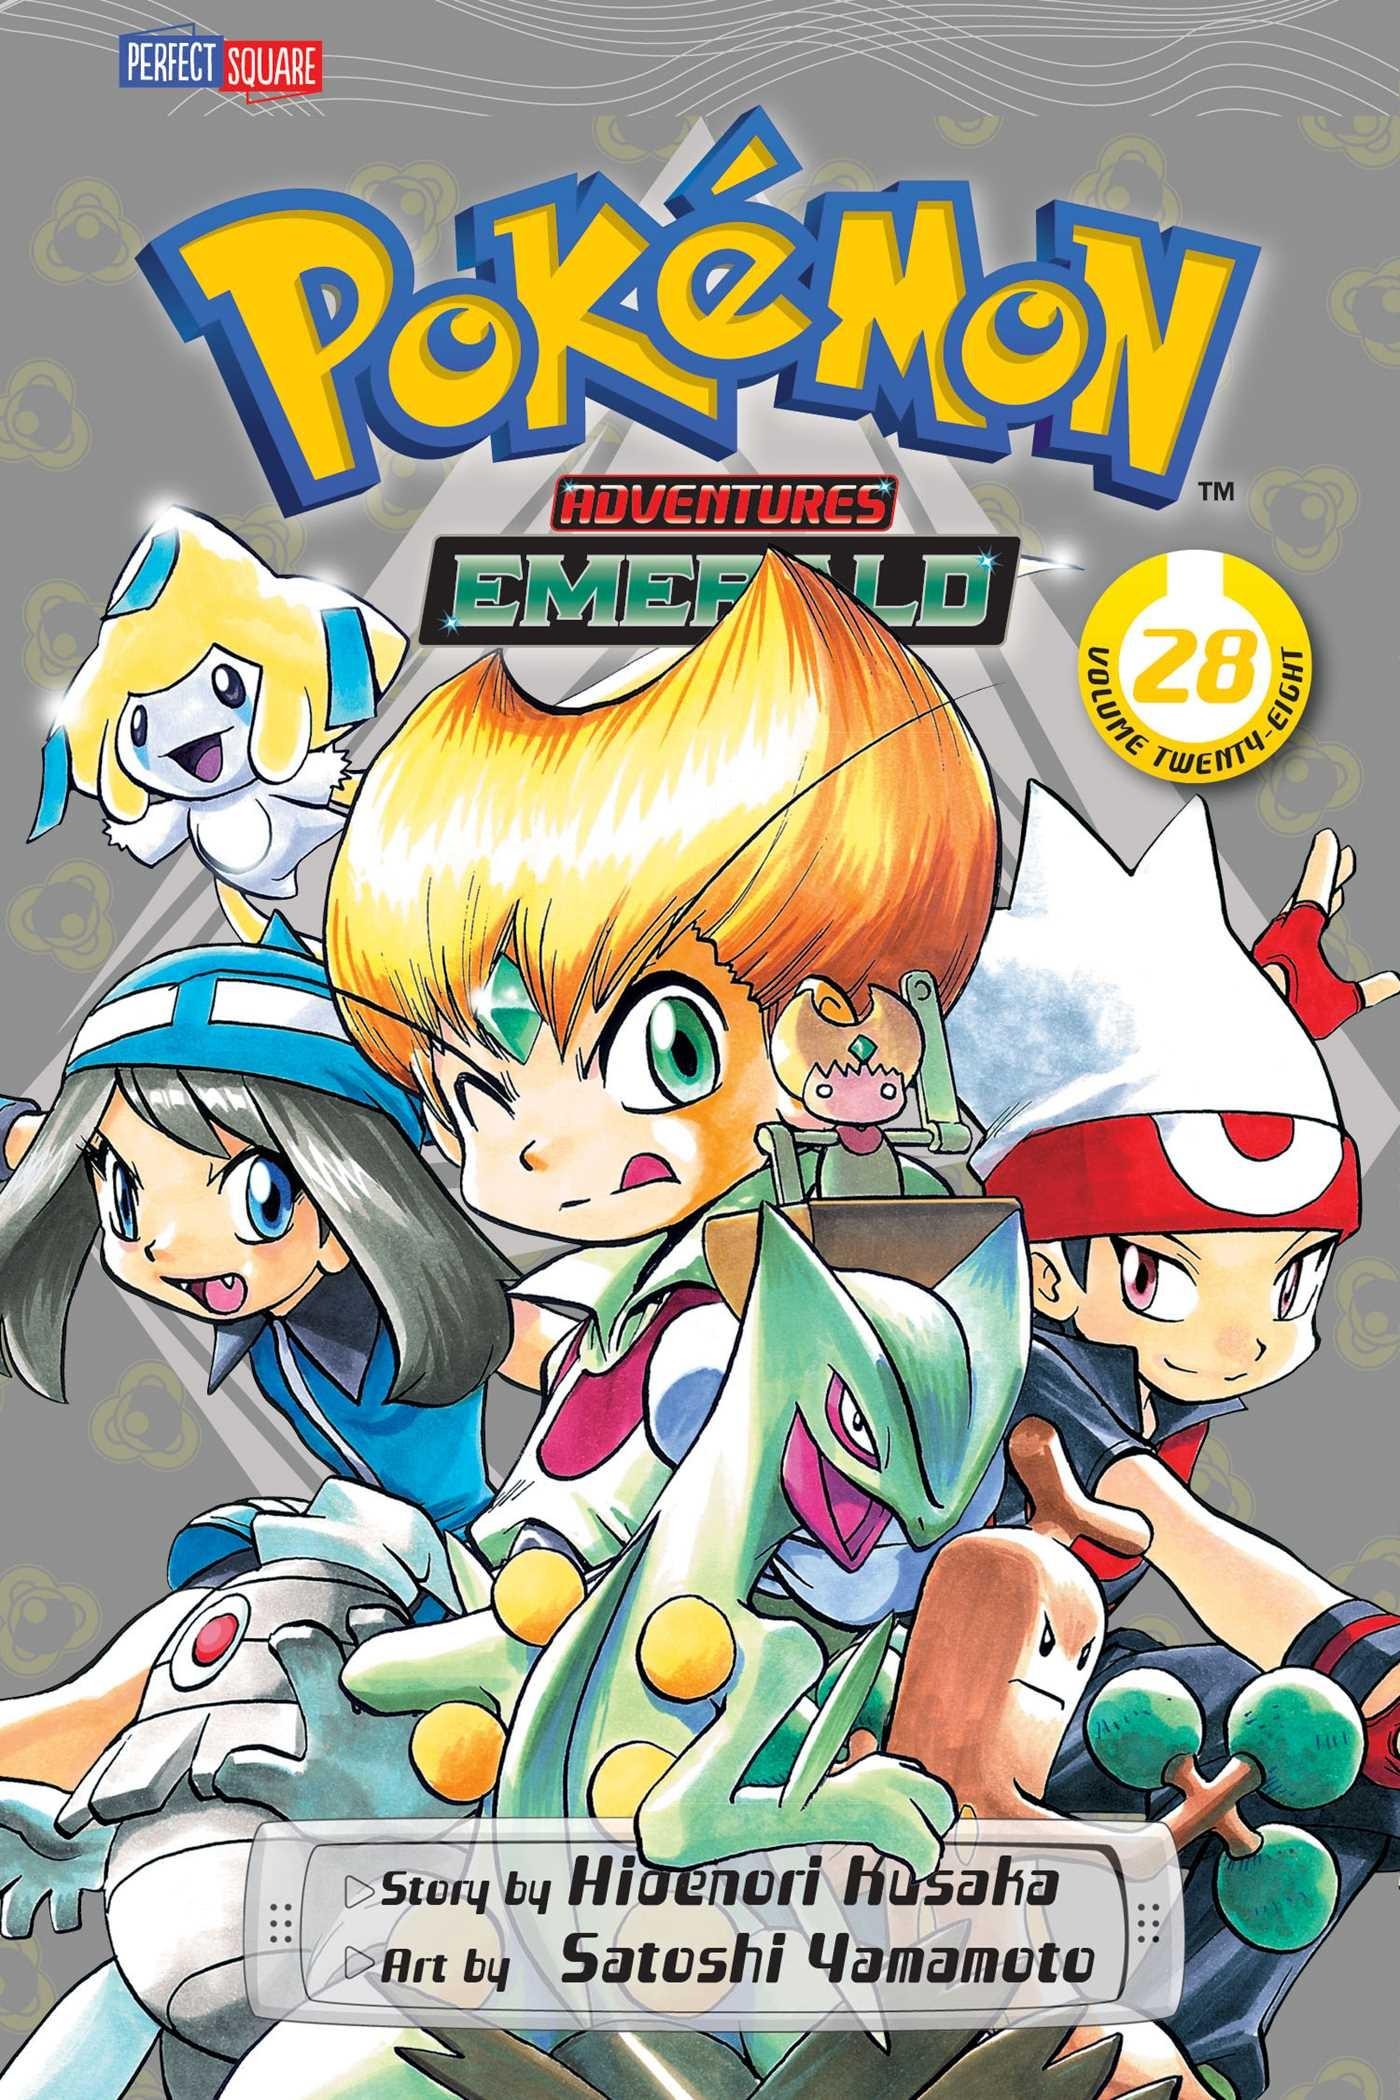 Pokémon Adventures, Vol. 28 by Hidenori Kusaka